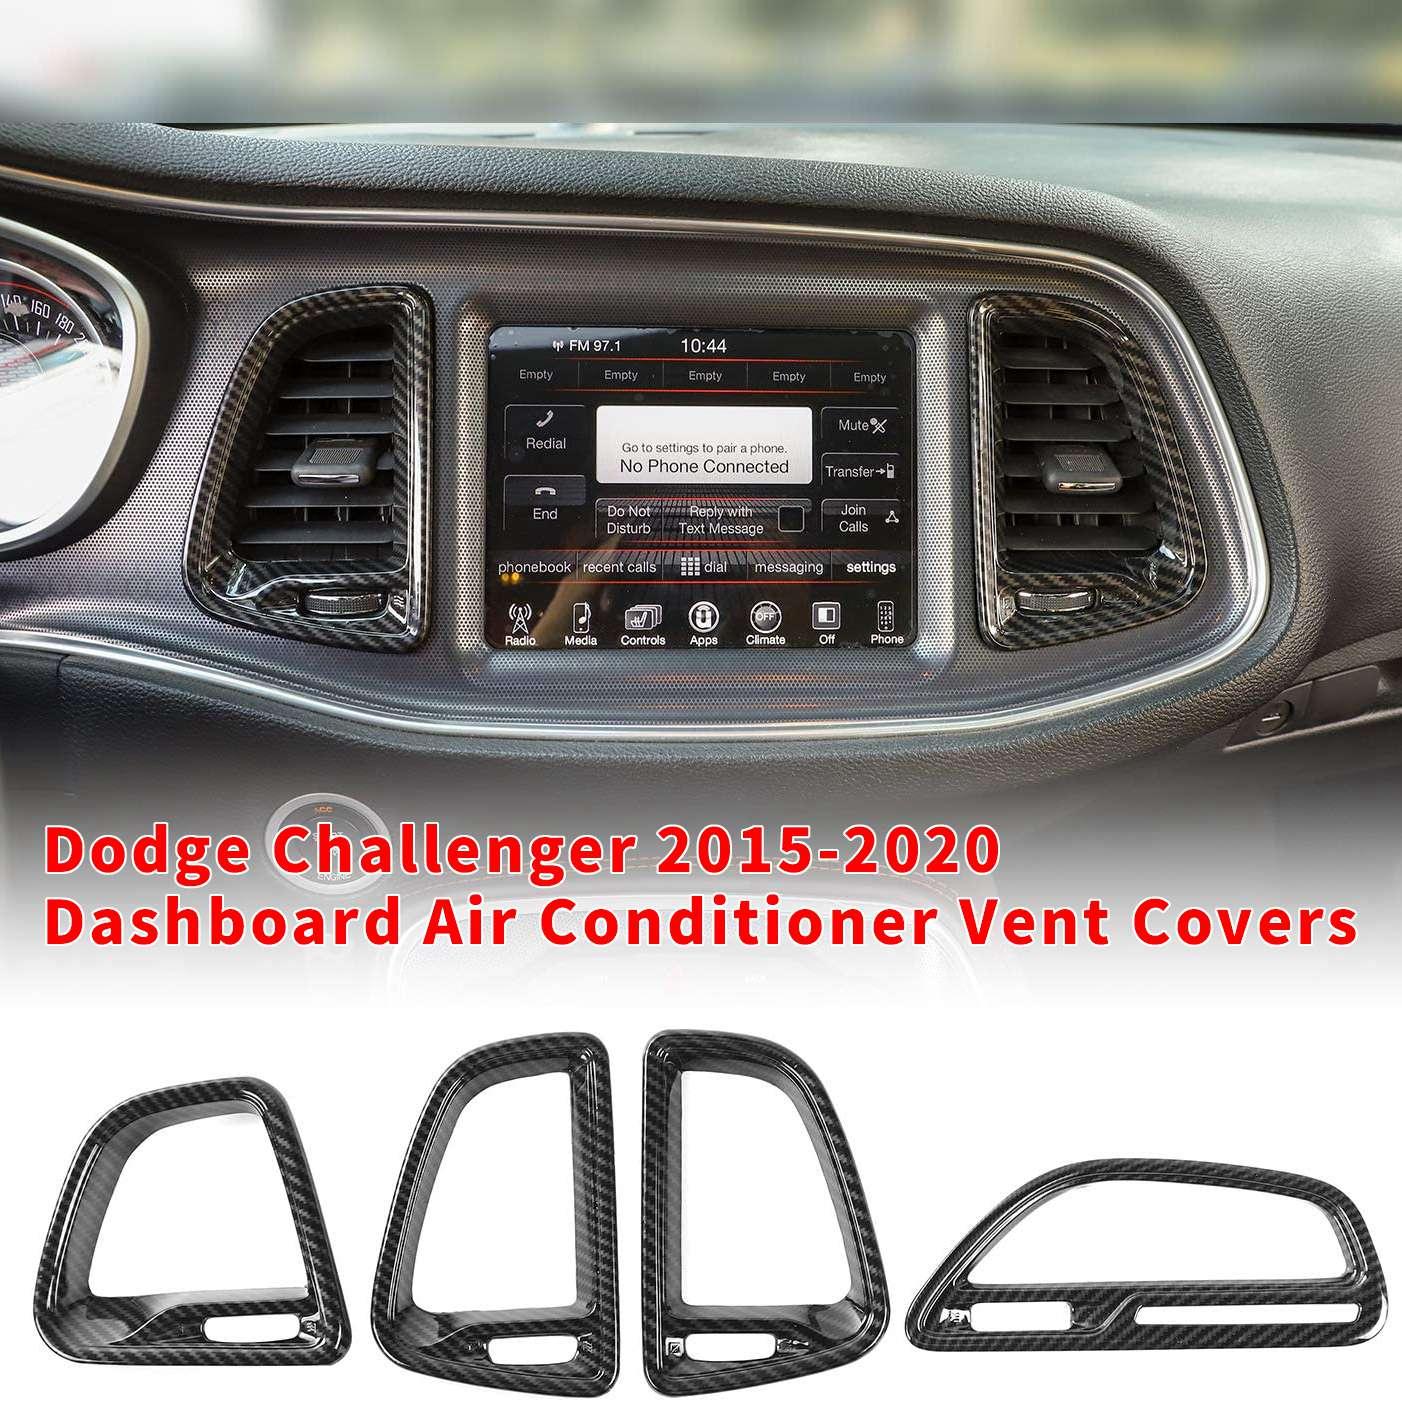 Para consola central Challenger, salida de aire acondicionado, Dodge Challenger moldura de ventilación para 2015-2020 (grano de fibra de carbono, 4 Uds.)